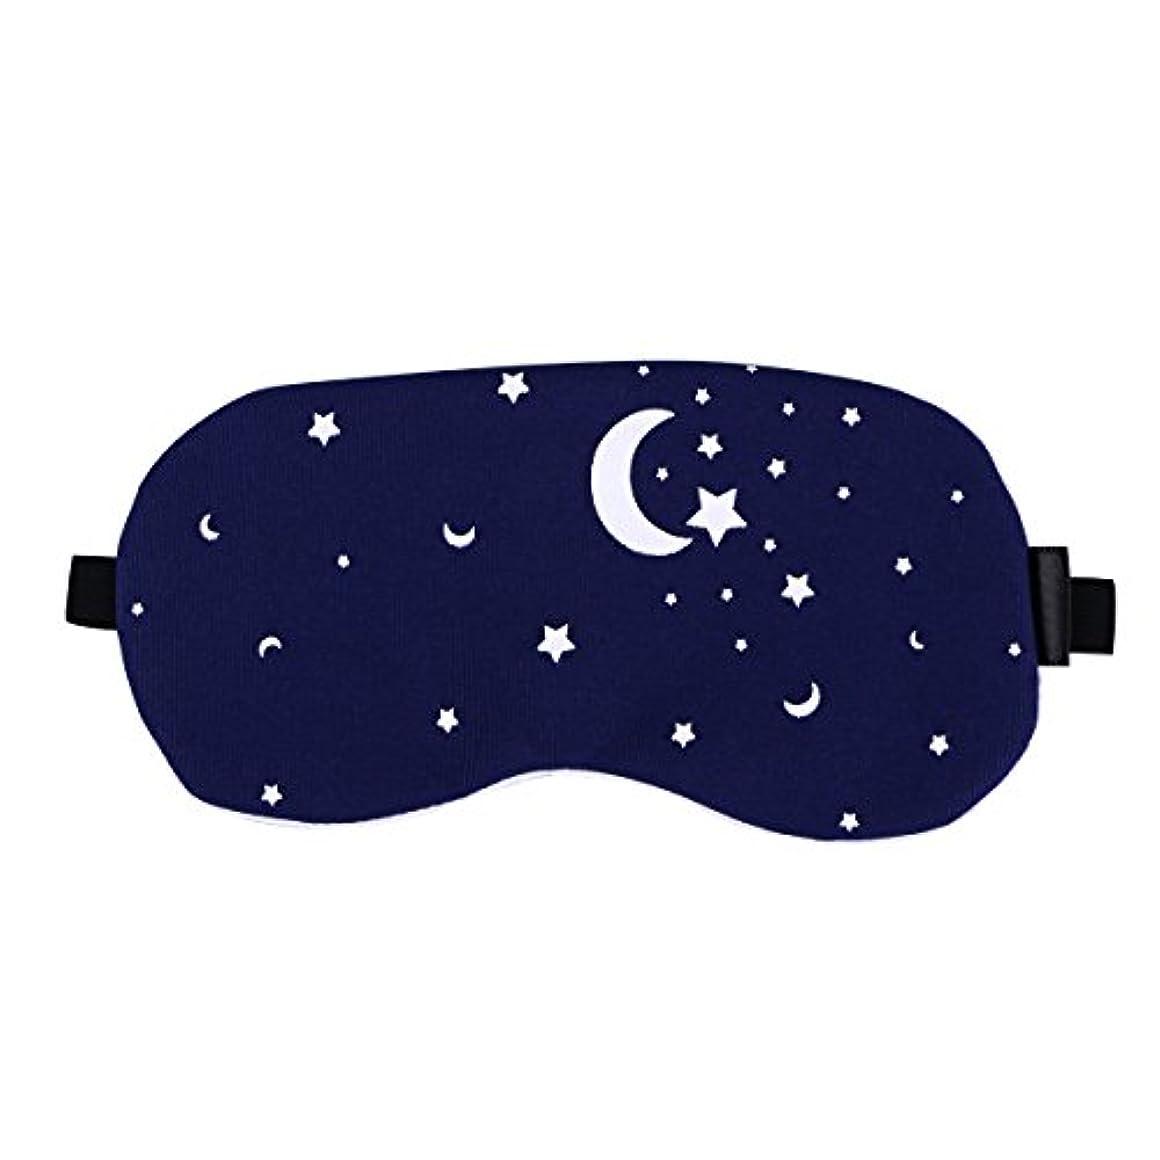 屋内パン屋腹痛Healifty 男性と女性のための夜の眠りの目のマスクの綿とリネンの睡眠の盲目の睡眠のマスクのアイカバー調節可能なアイシェード(星空)